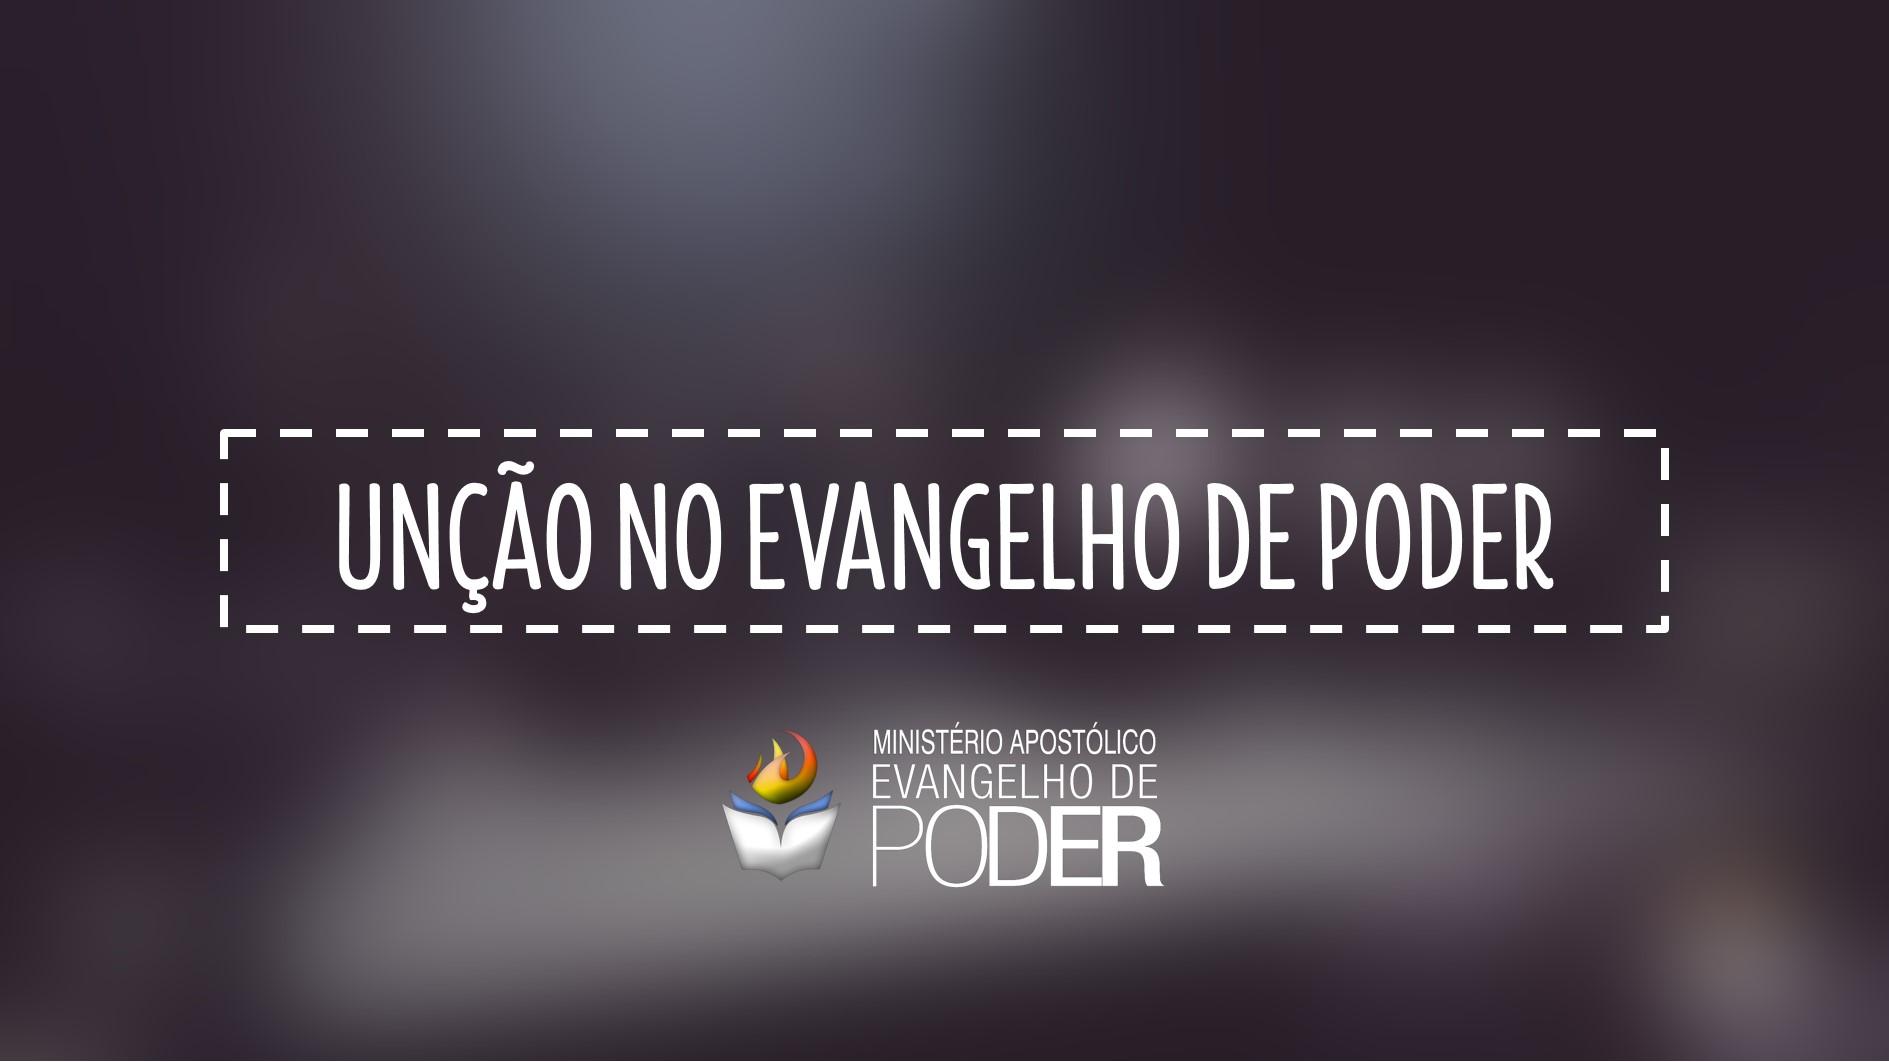 UNÇÃO NO EVANGELHO DE PODER 29/10/17